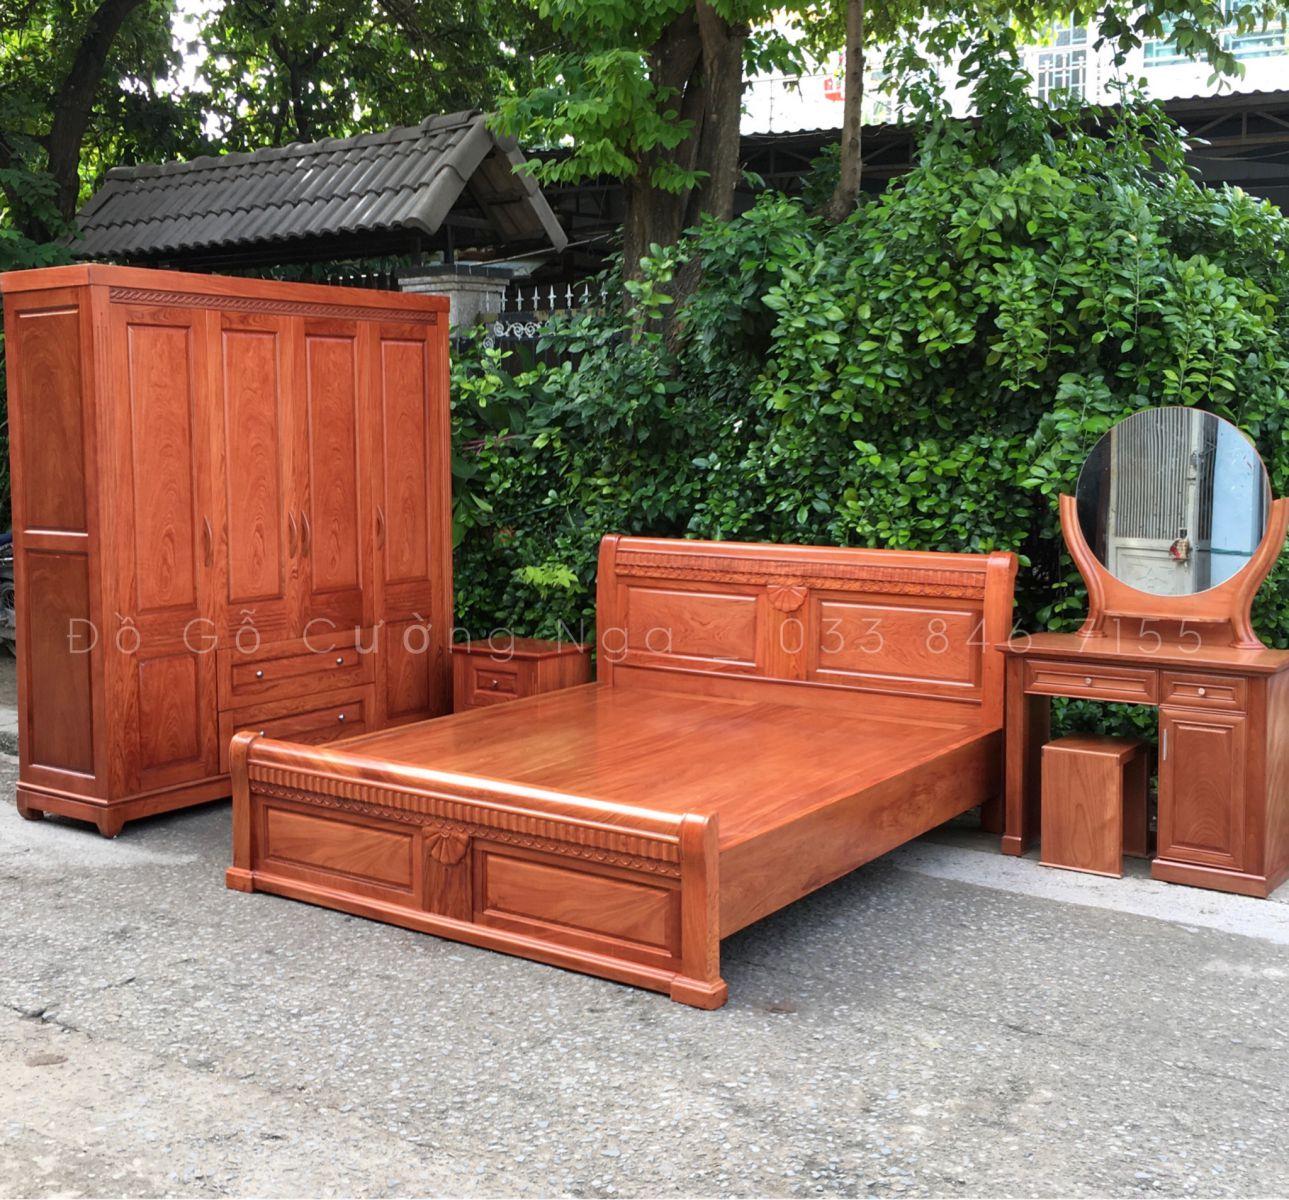 bộ combo phòng ngủ gỗ hương đá giá rẻ tp hcm